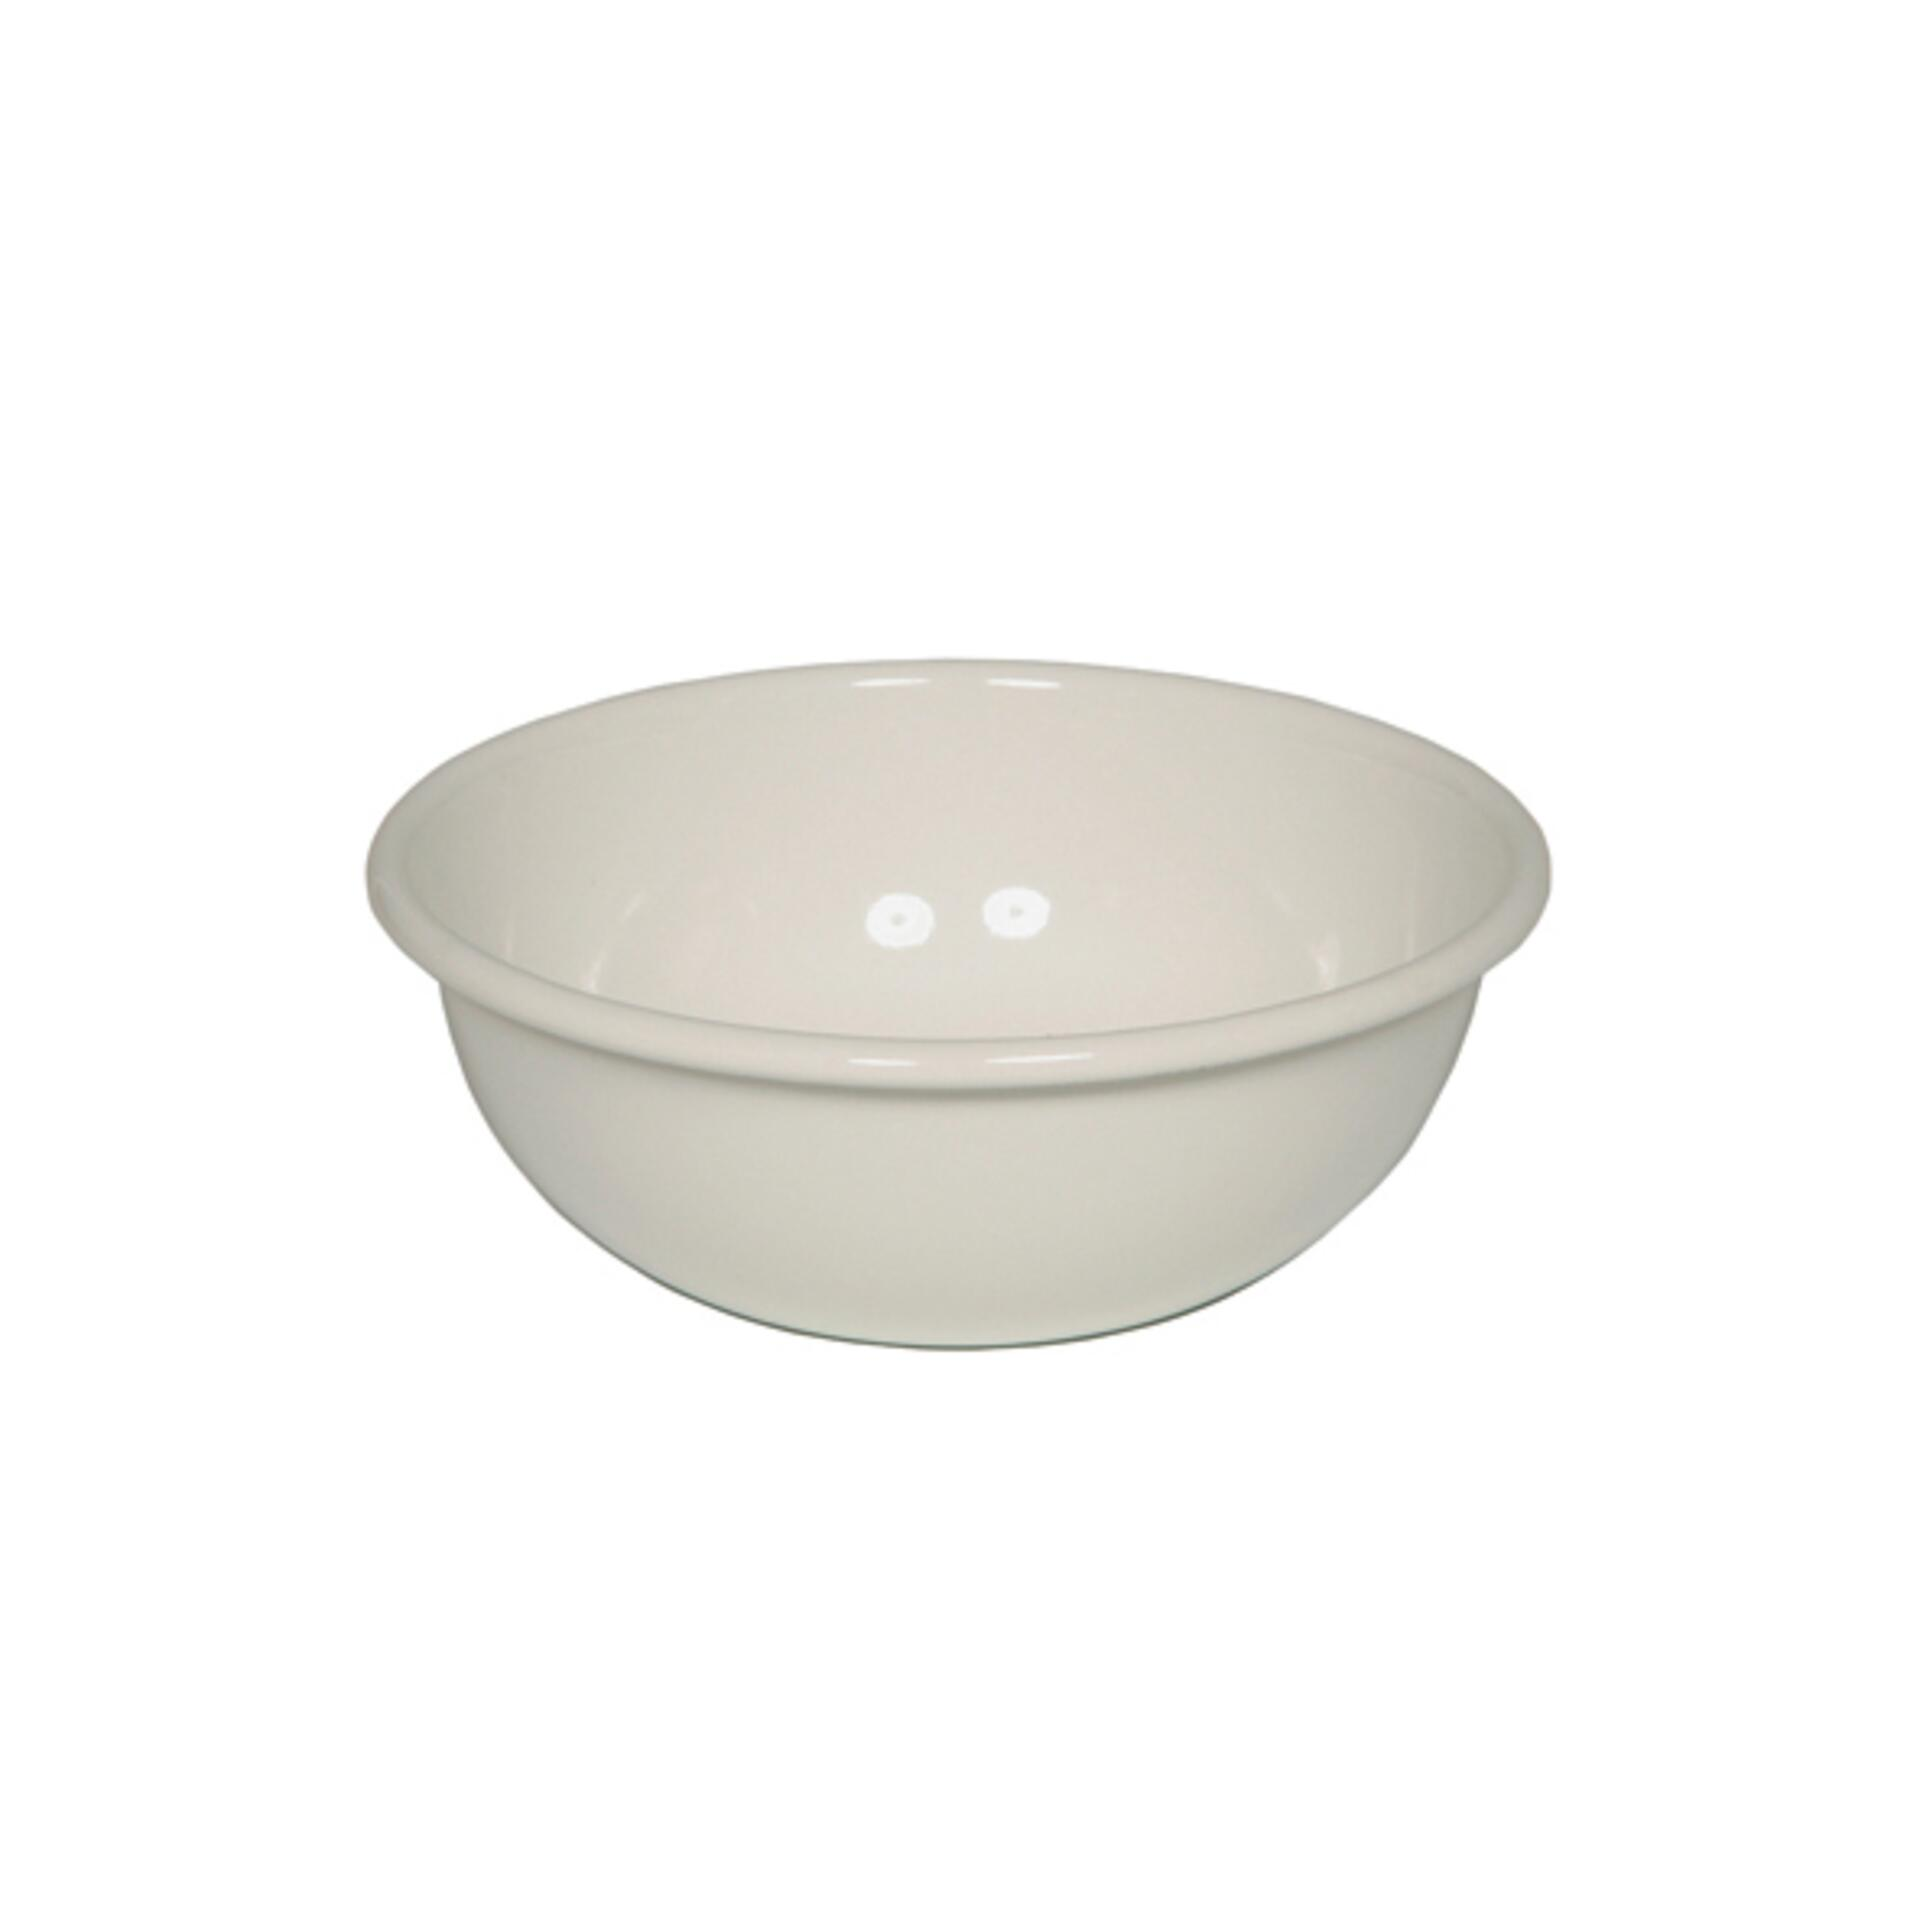 Riess Küchenschüssel 14 cm Weiß